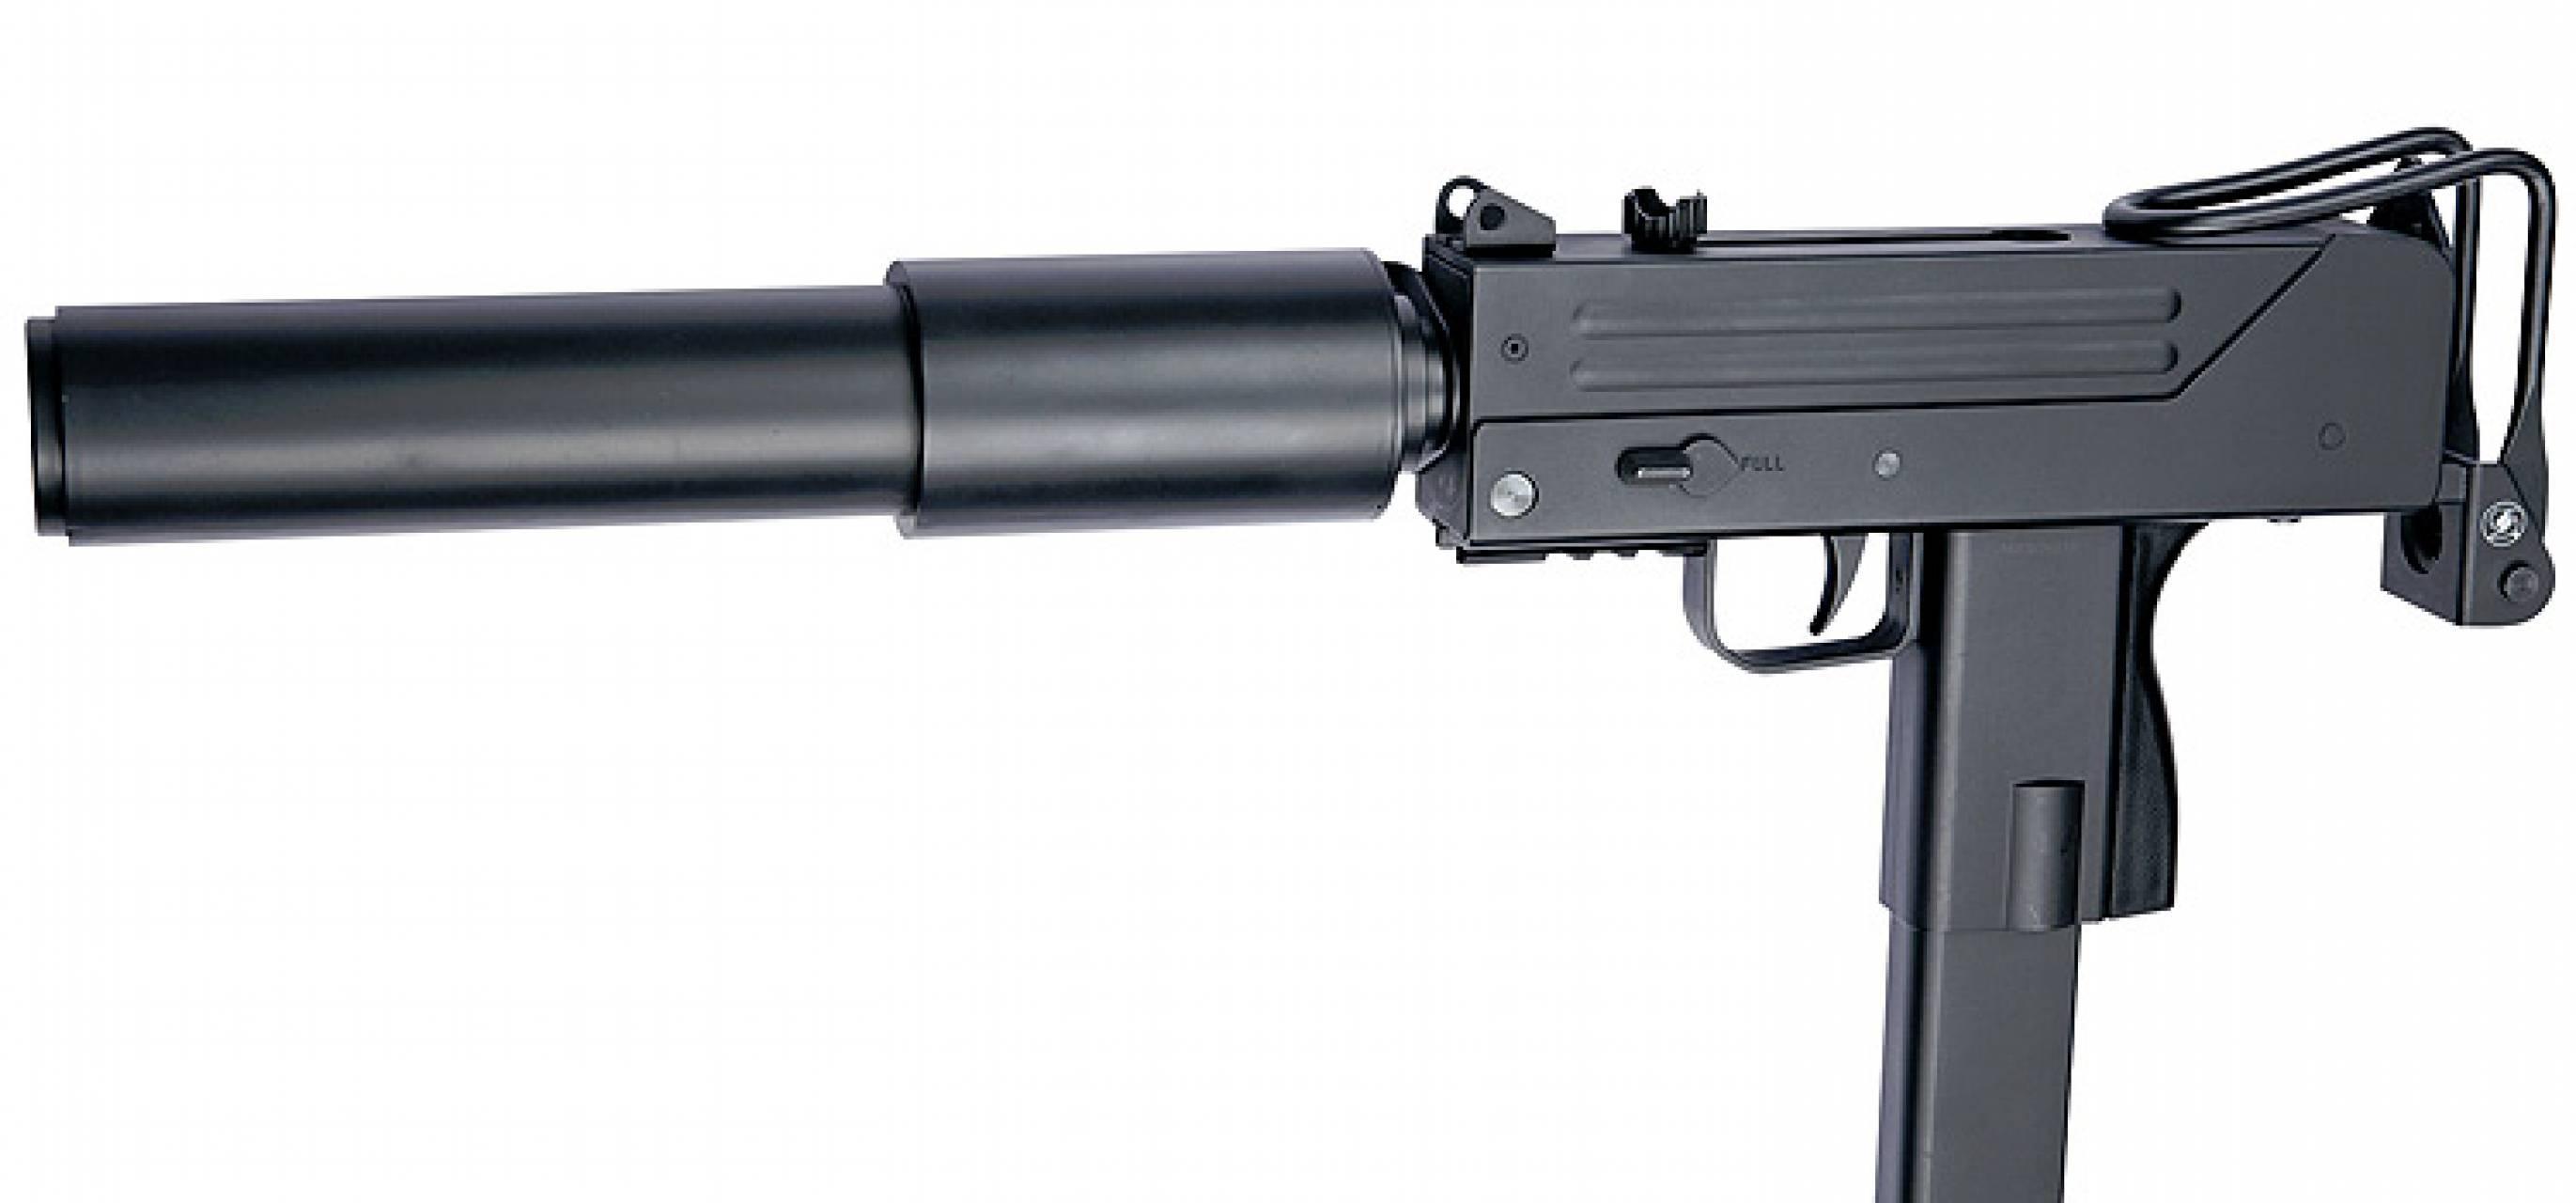 Американский пистолет-пулемет MAC Ingram 10 (M10) и 11 (M11) модели